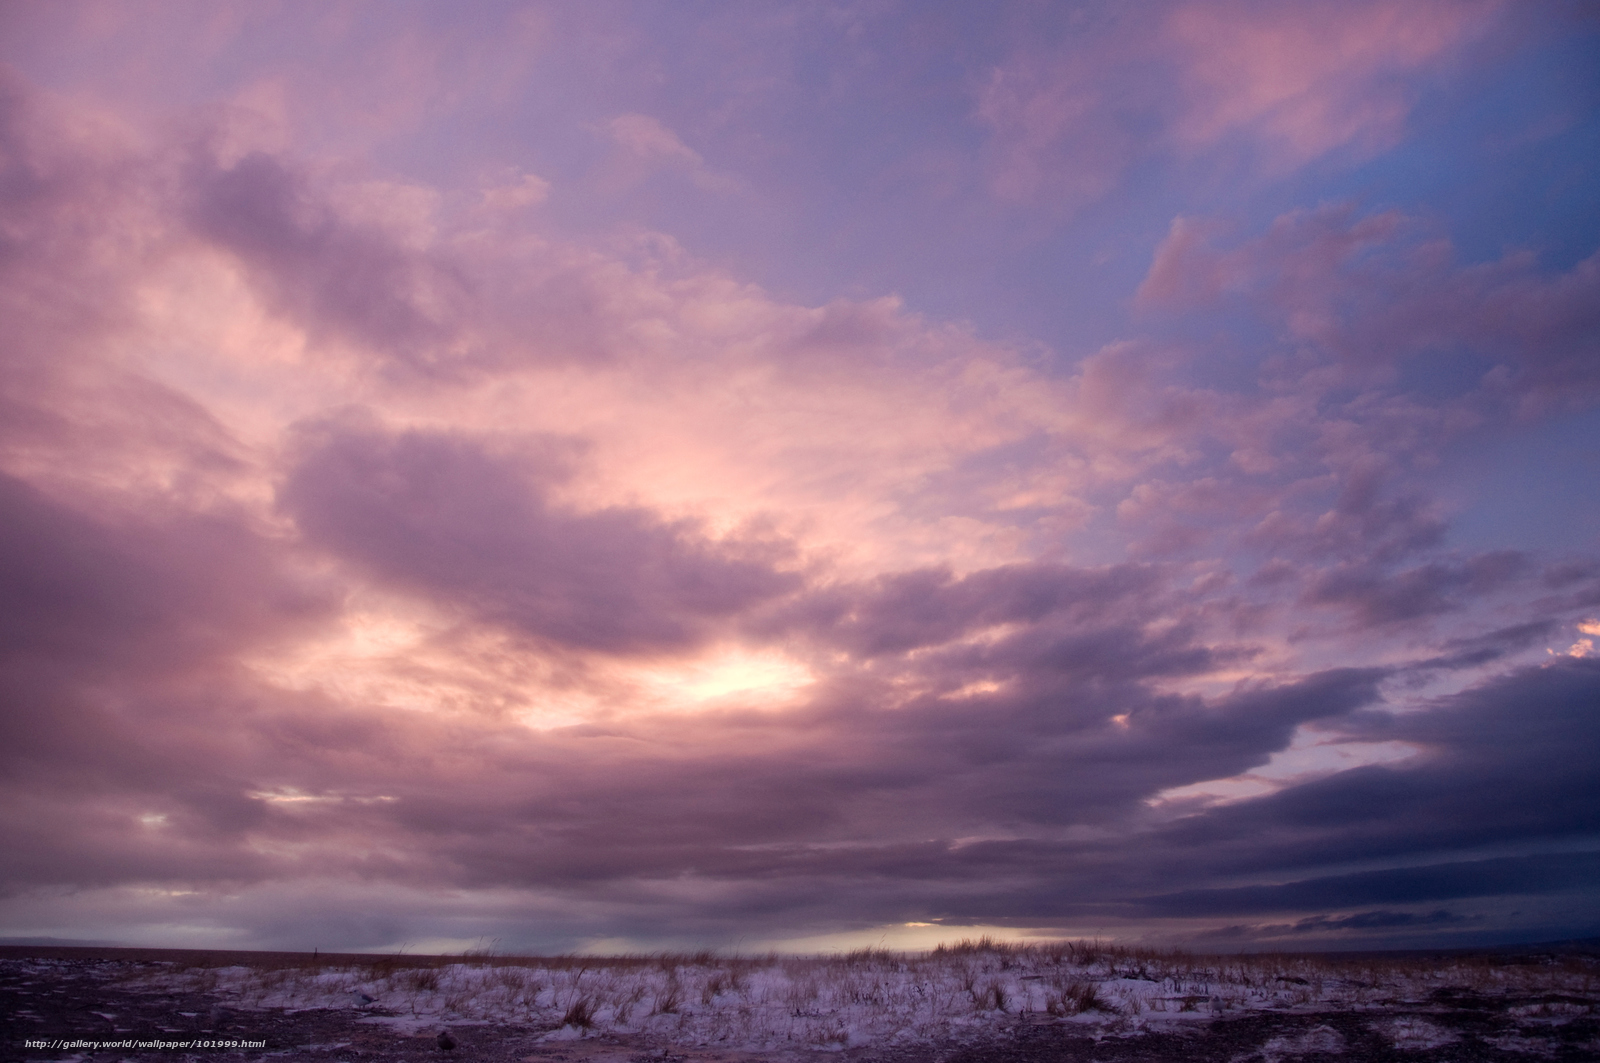 tlcharger fond d 39 ecran ciel nuages violet fonds d 39 ecran gratuits pour votre rsolution du. Black Bedroom Furniture Sets. Home Design Ideas